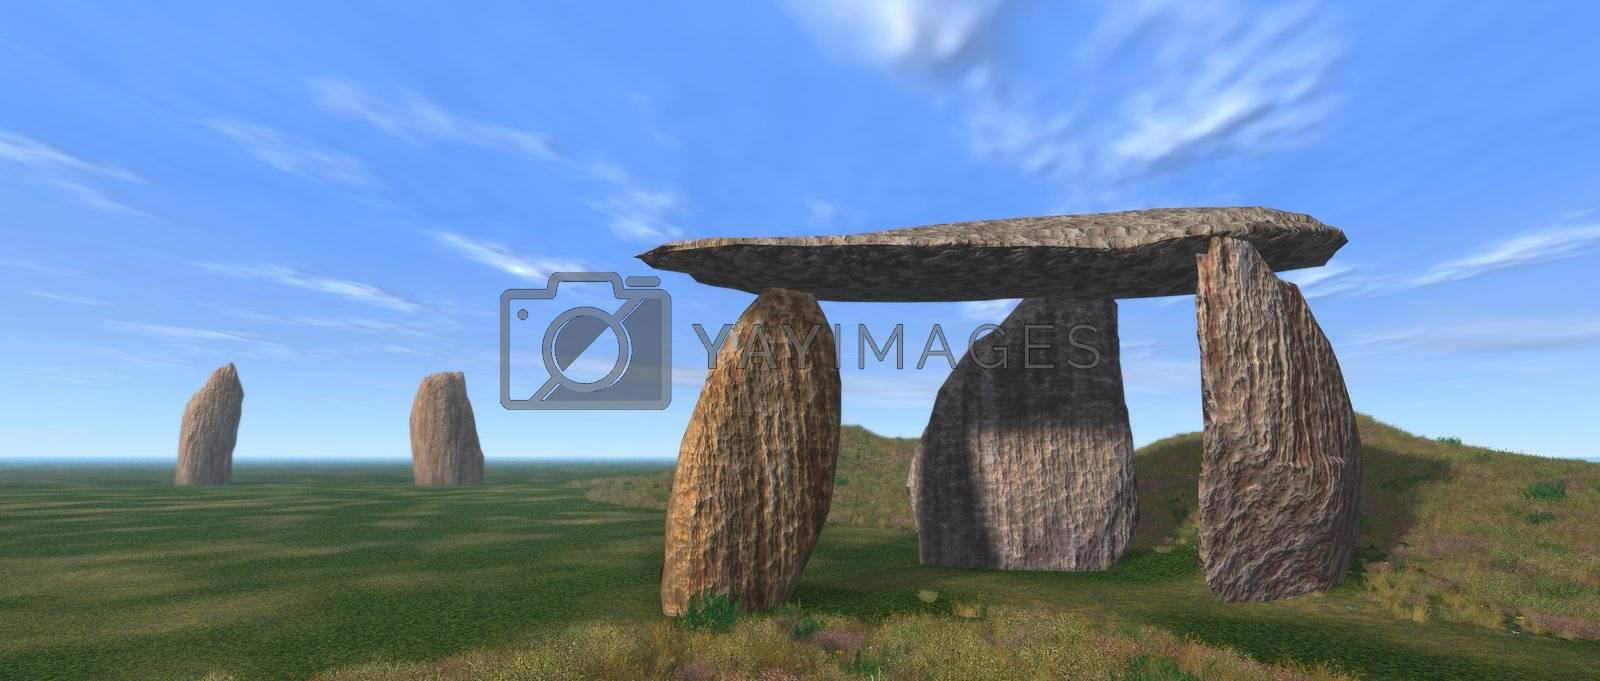 3D render of a dolmen landscape under a blue sky